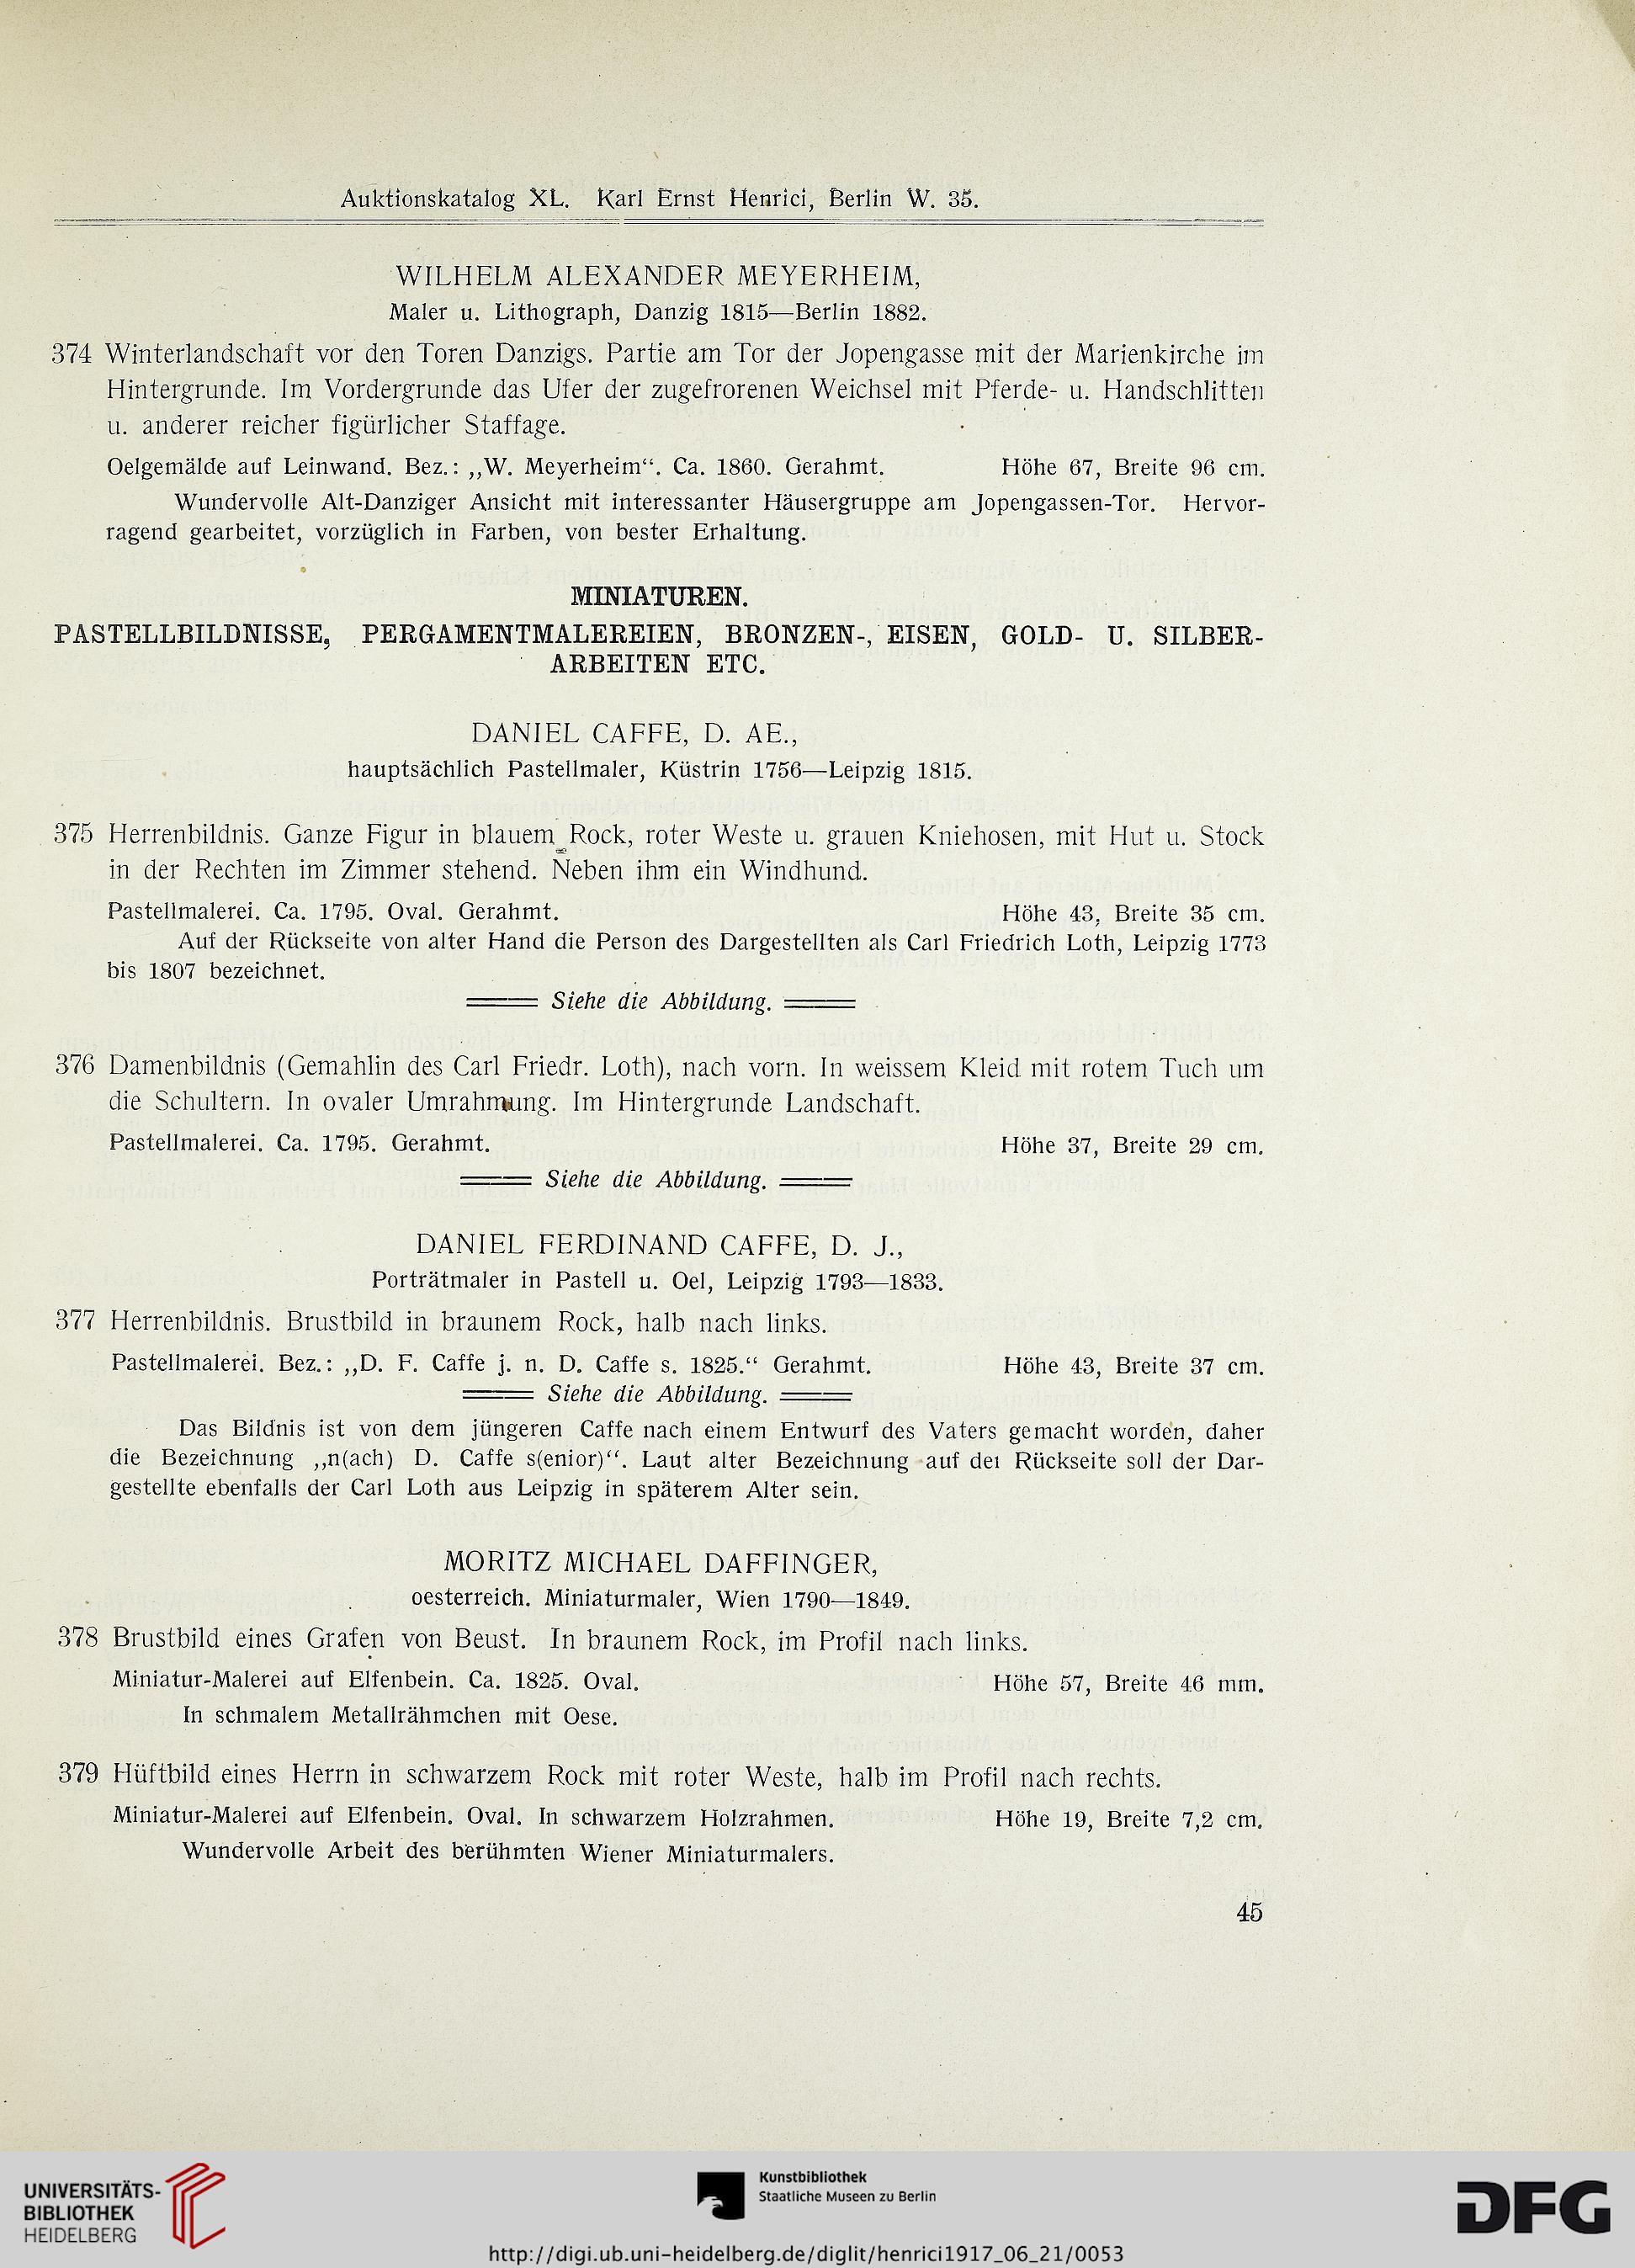 Karl Ernst Henrici <Berlin> [Hrsg.]: Niederländische Handzeichnungen ...